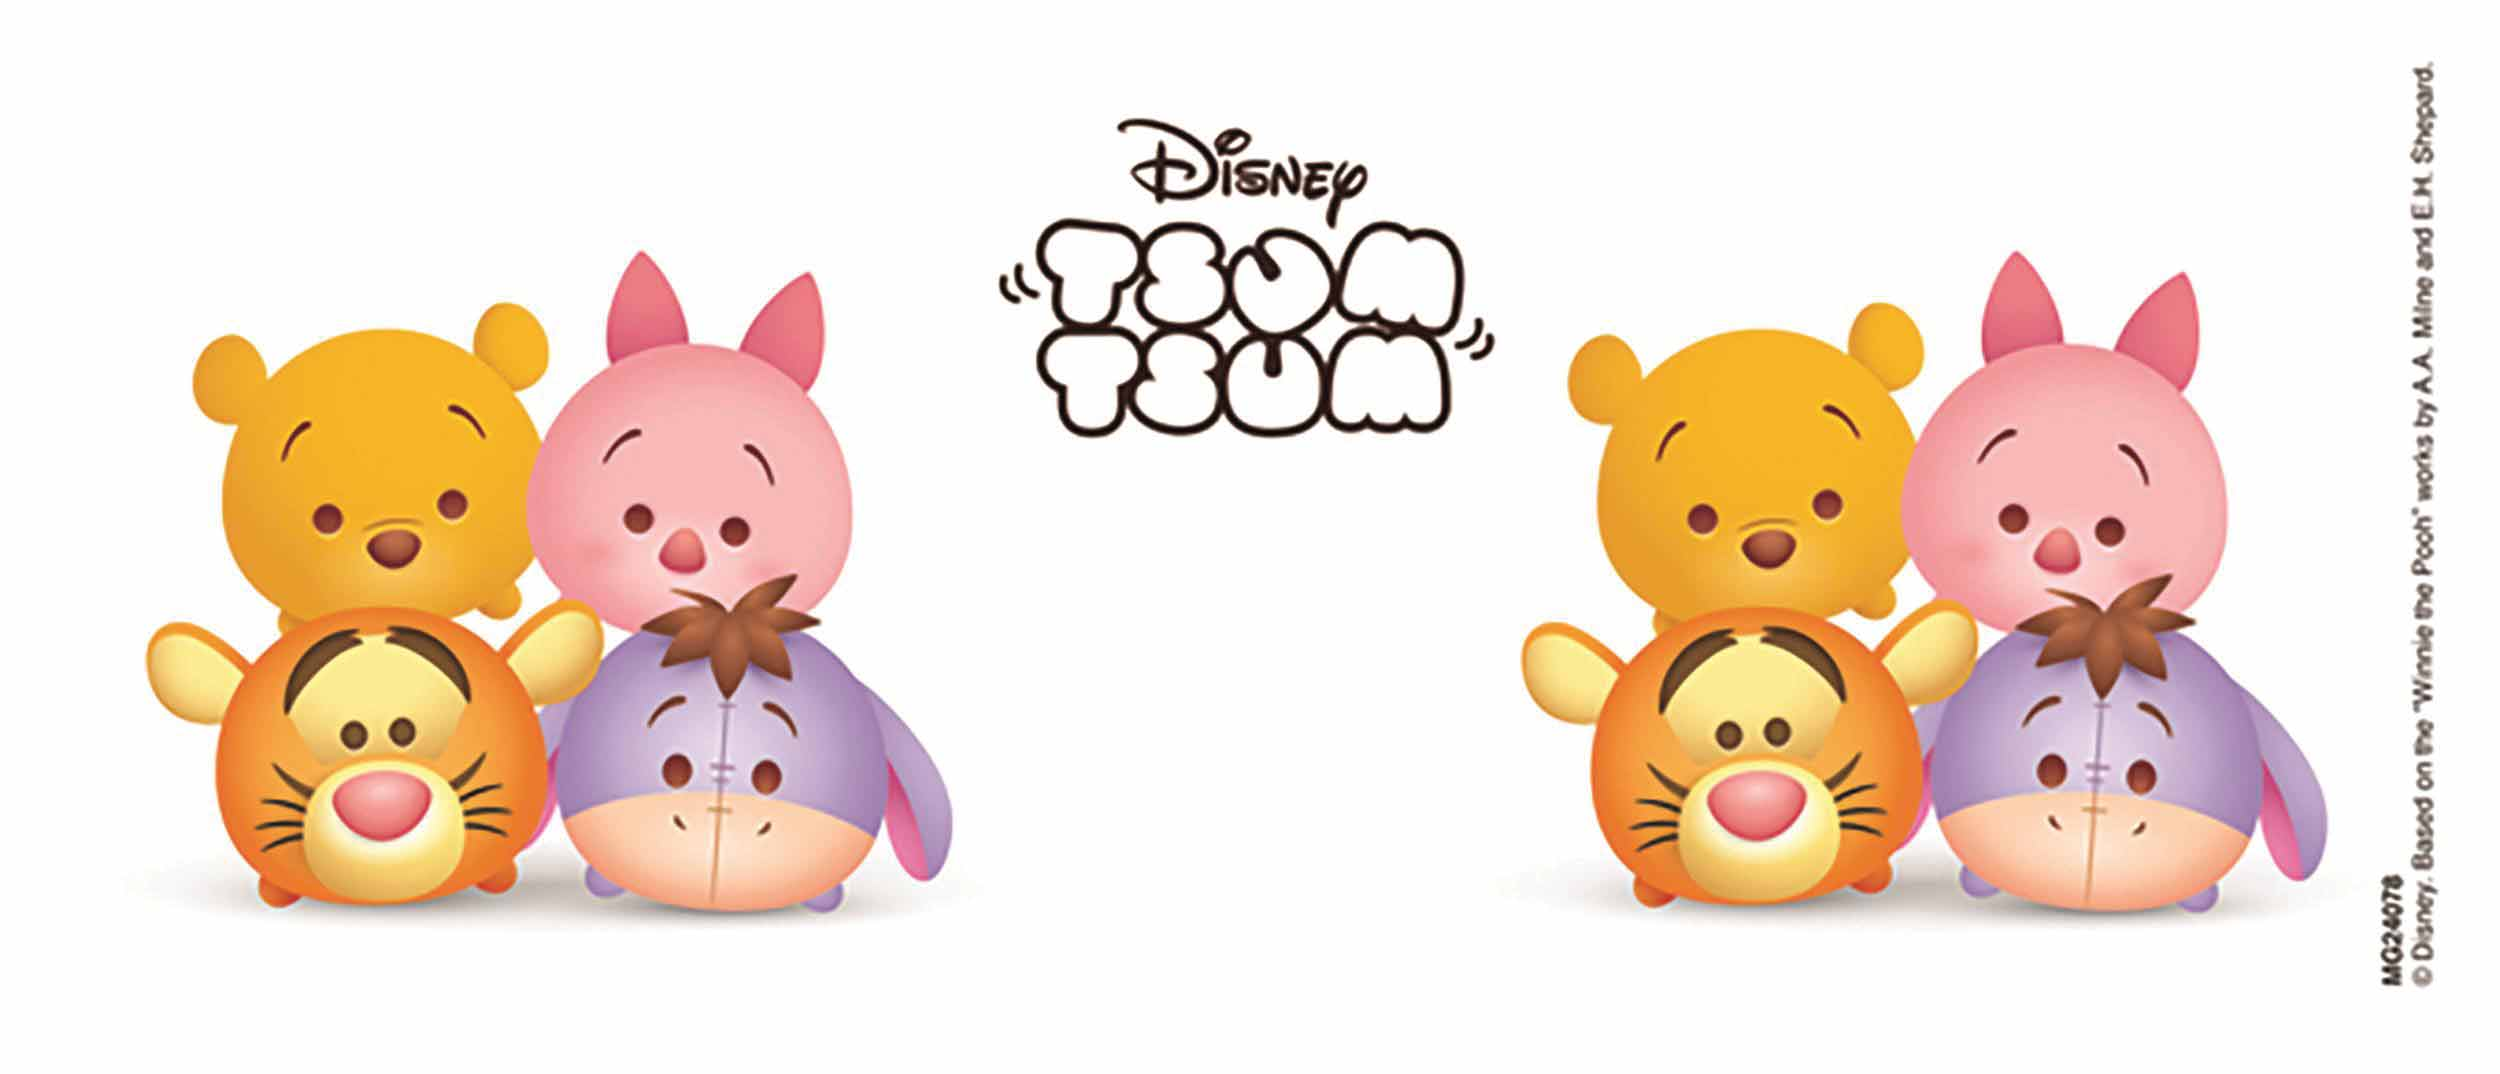 Winnie The Pooh Tsum Tsum Clipart.